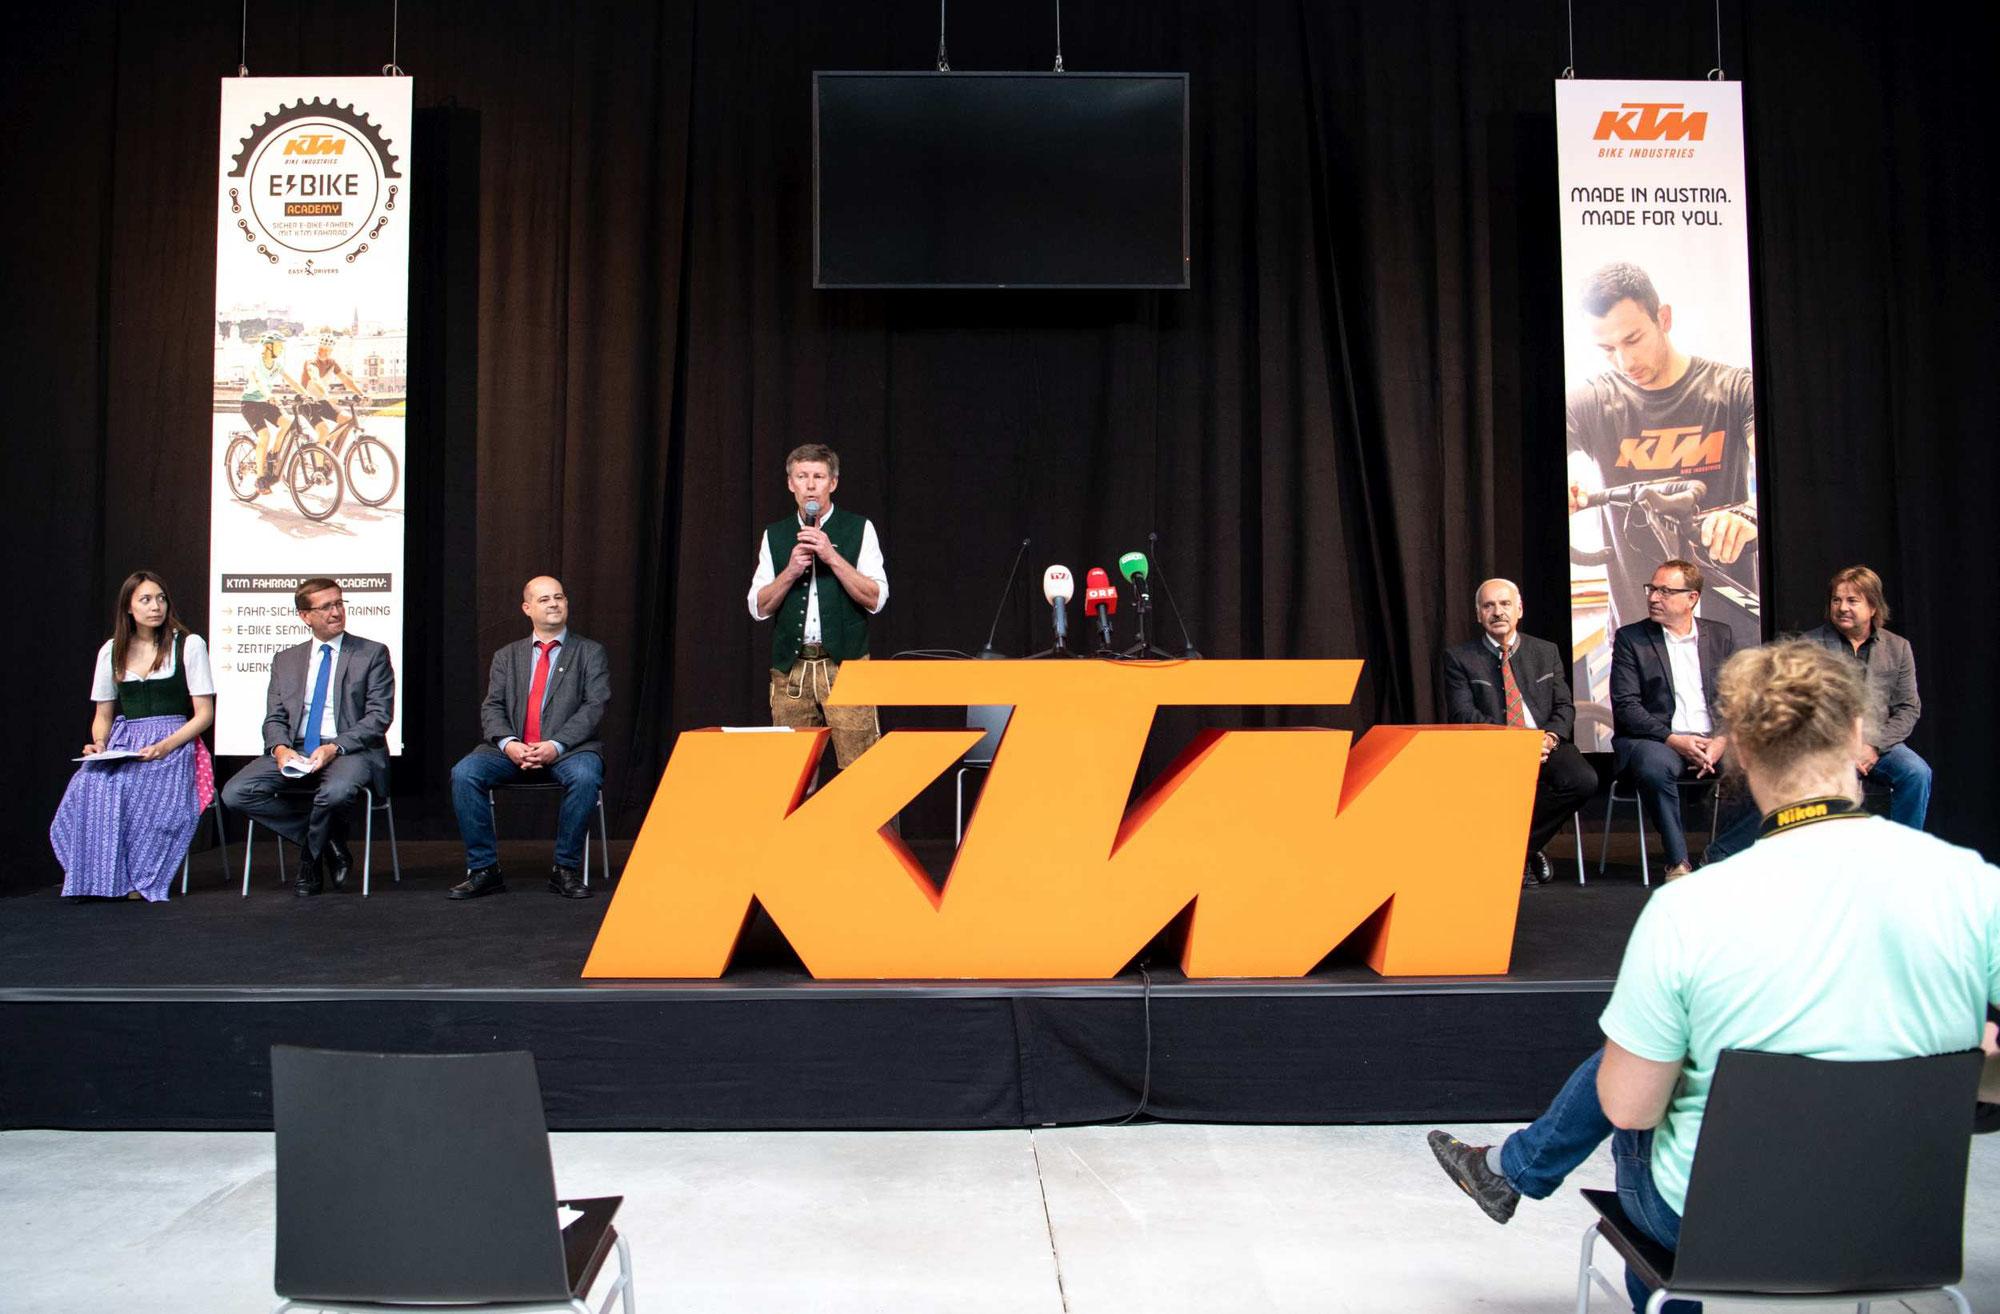 KTM Fahrrad investiert Millionen in Standort